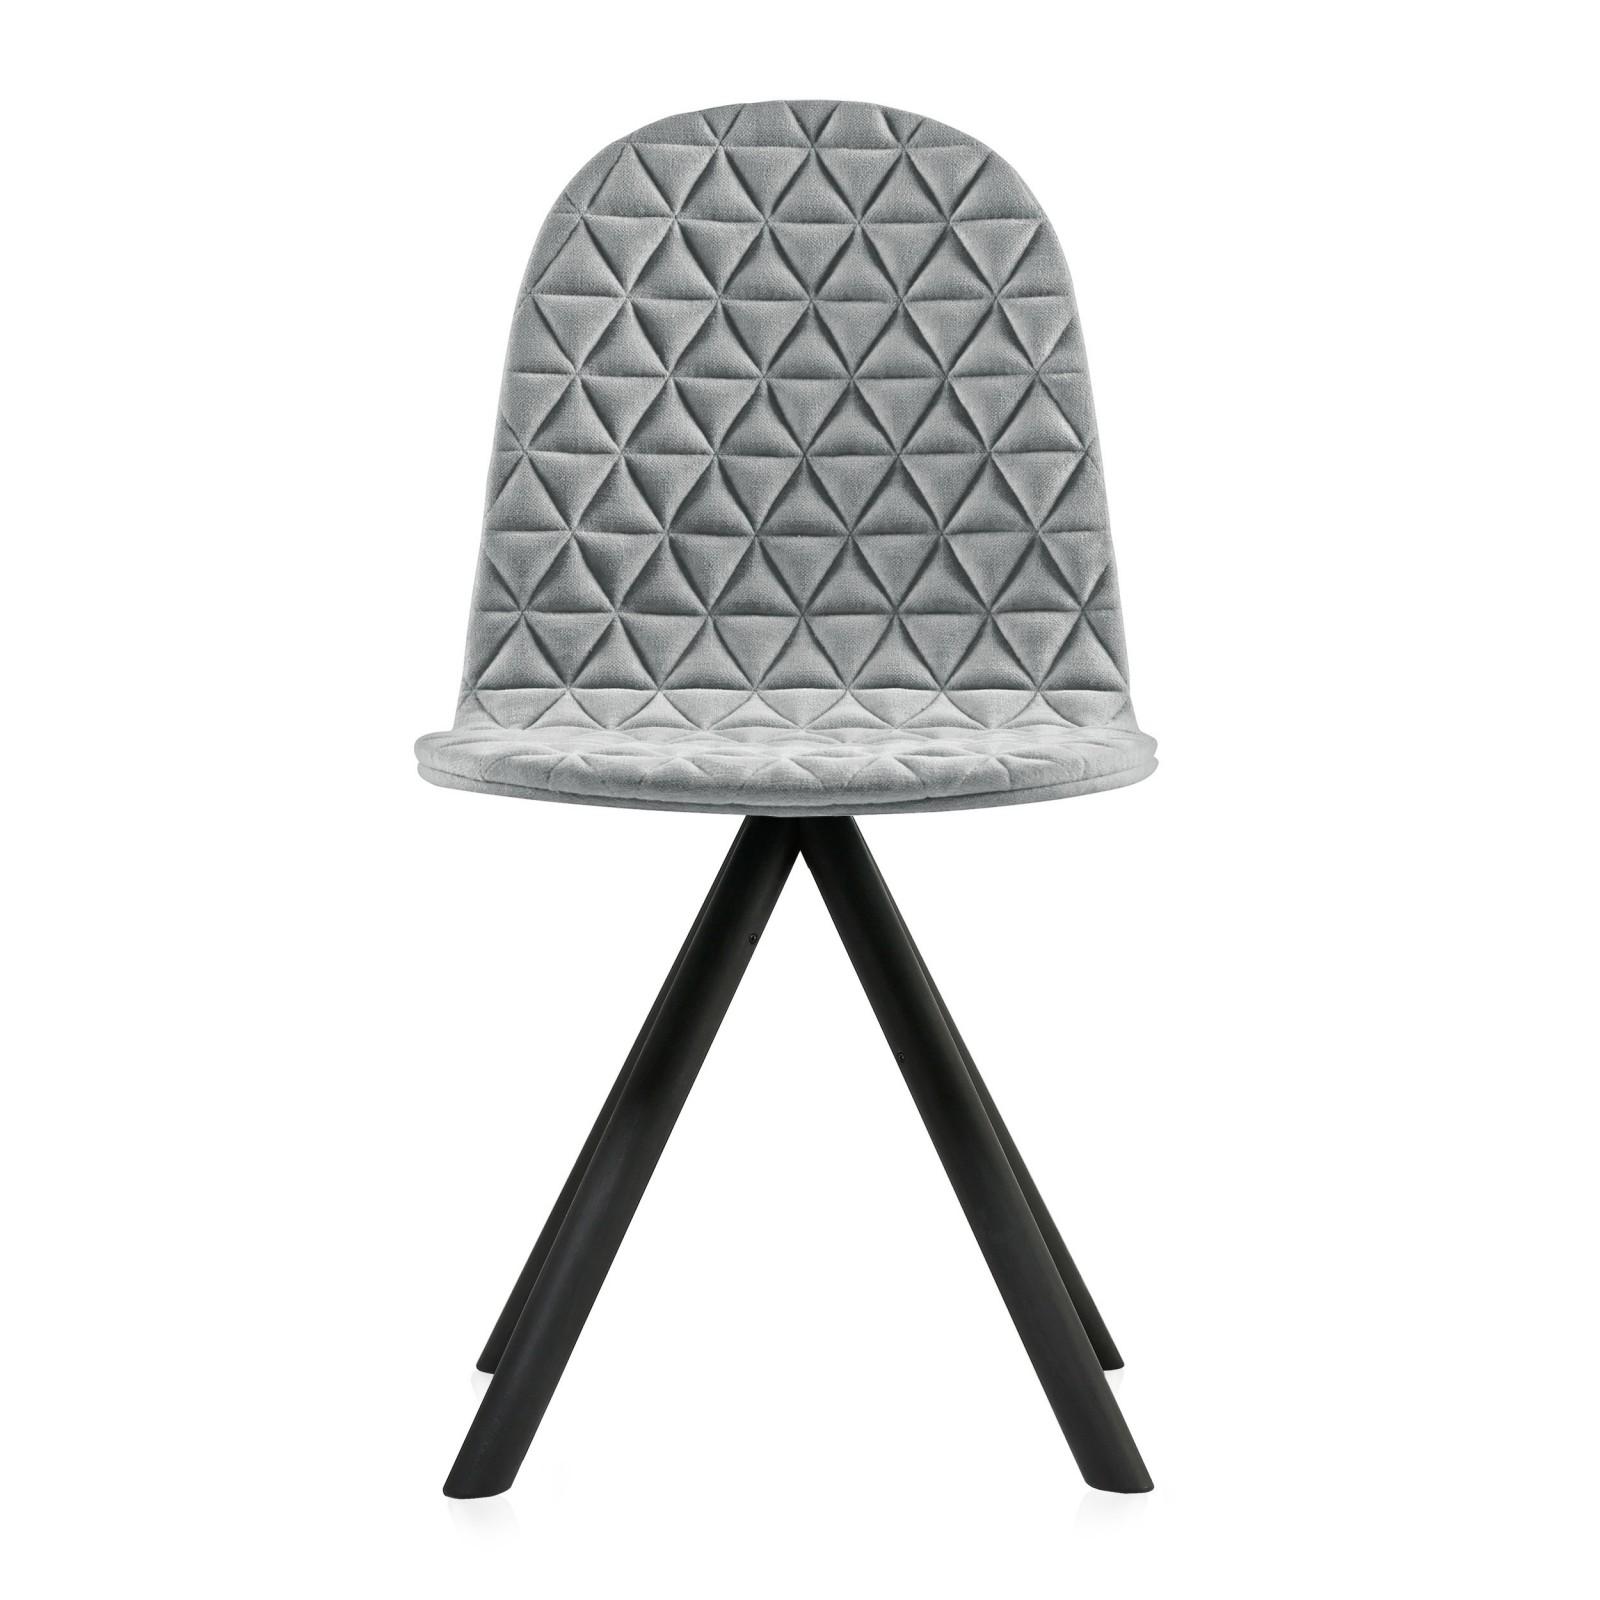 Mannequin chair - 01 - grey